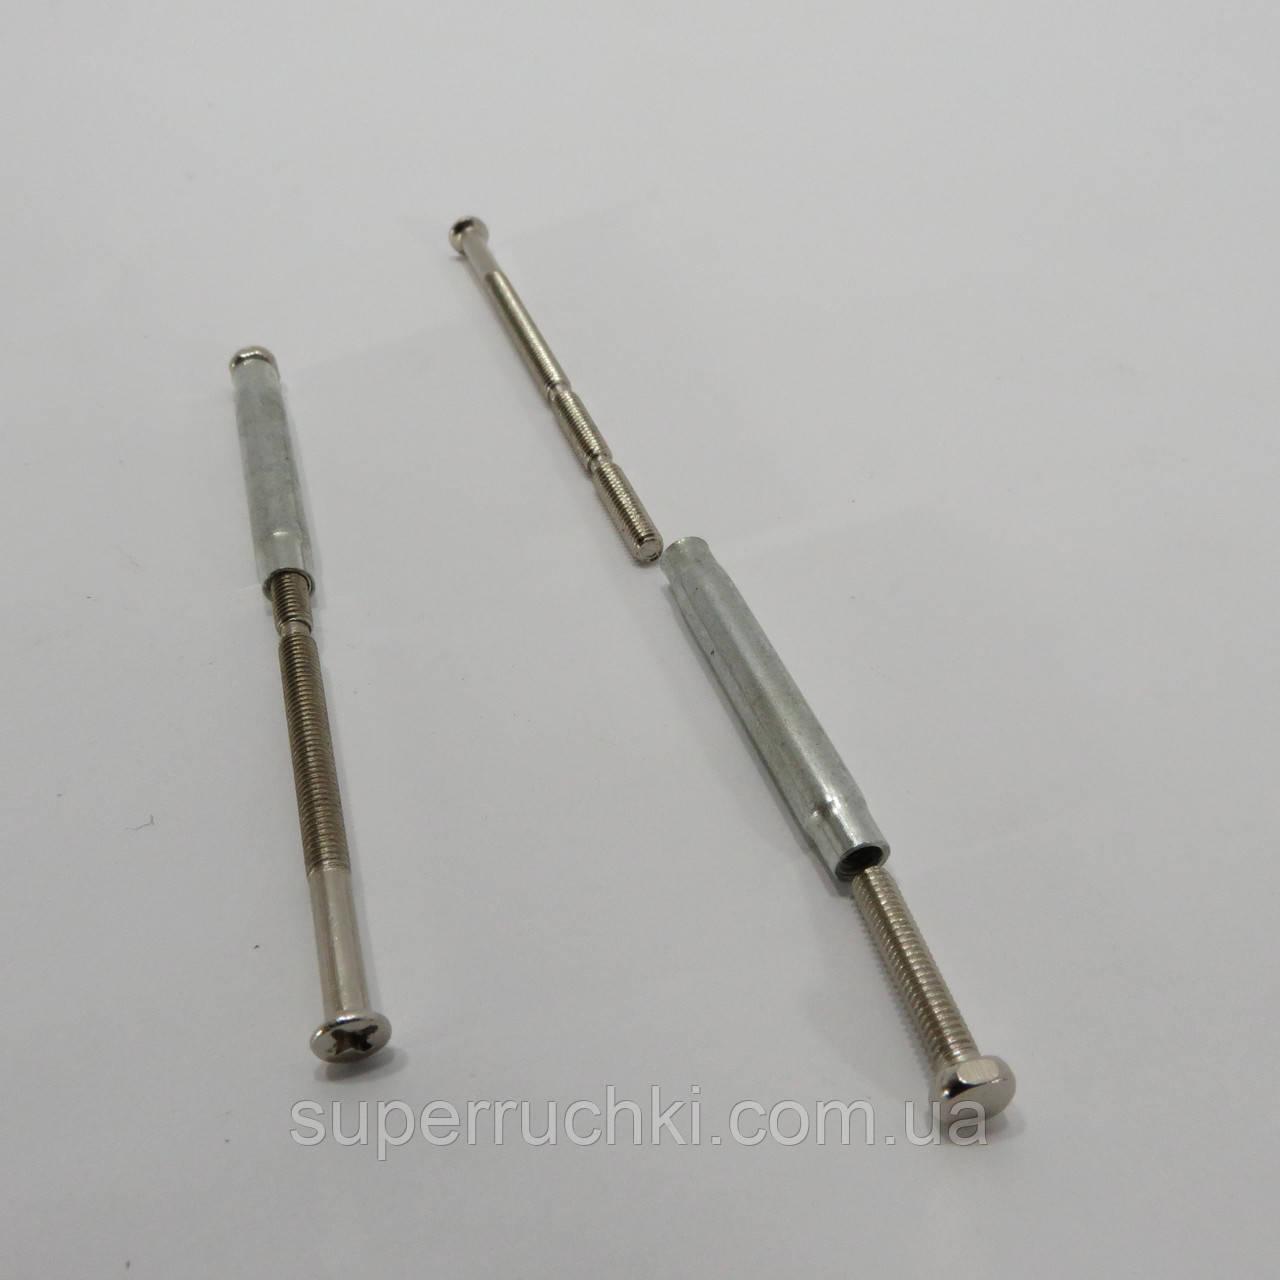 Стяжки под ручки 4 мм